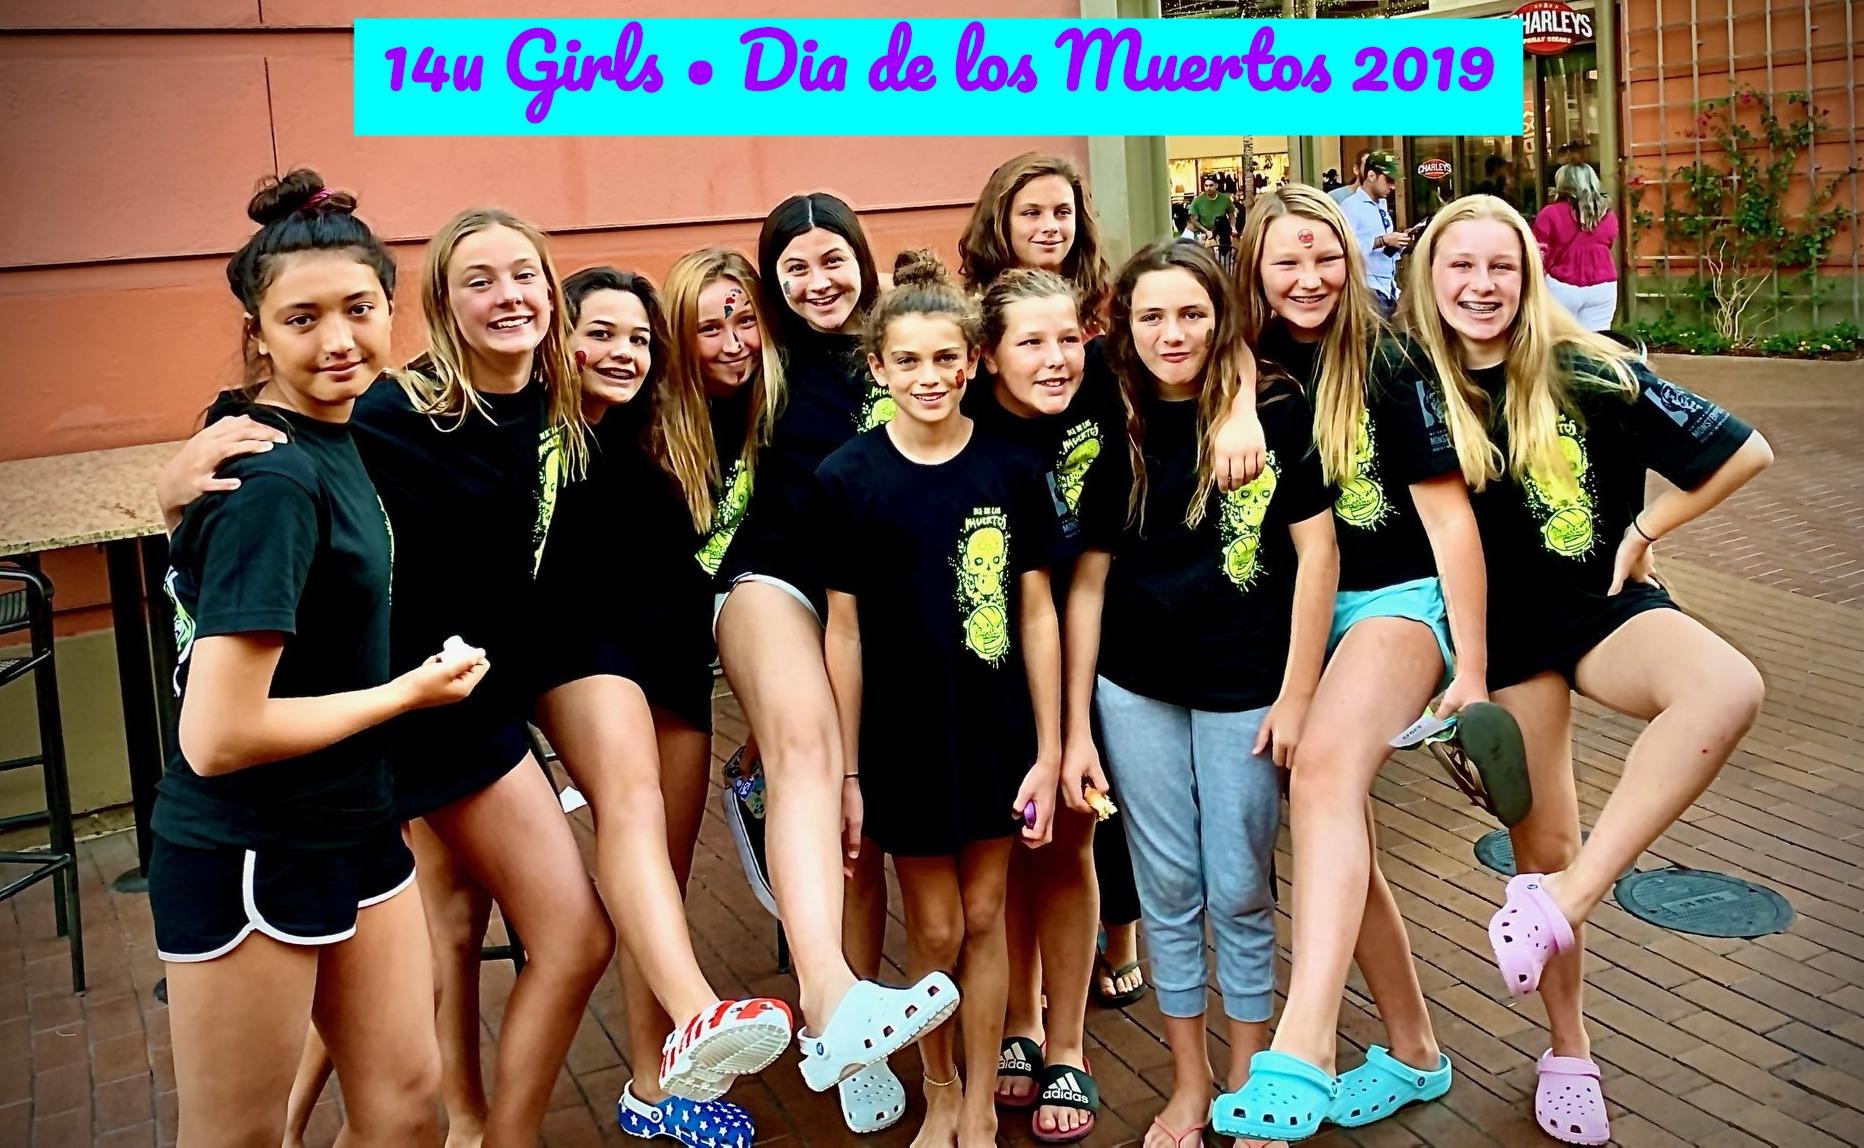 14U GIRLS Dio de los Muertos 2019